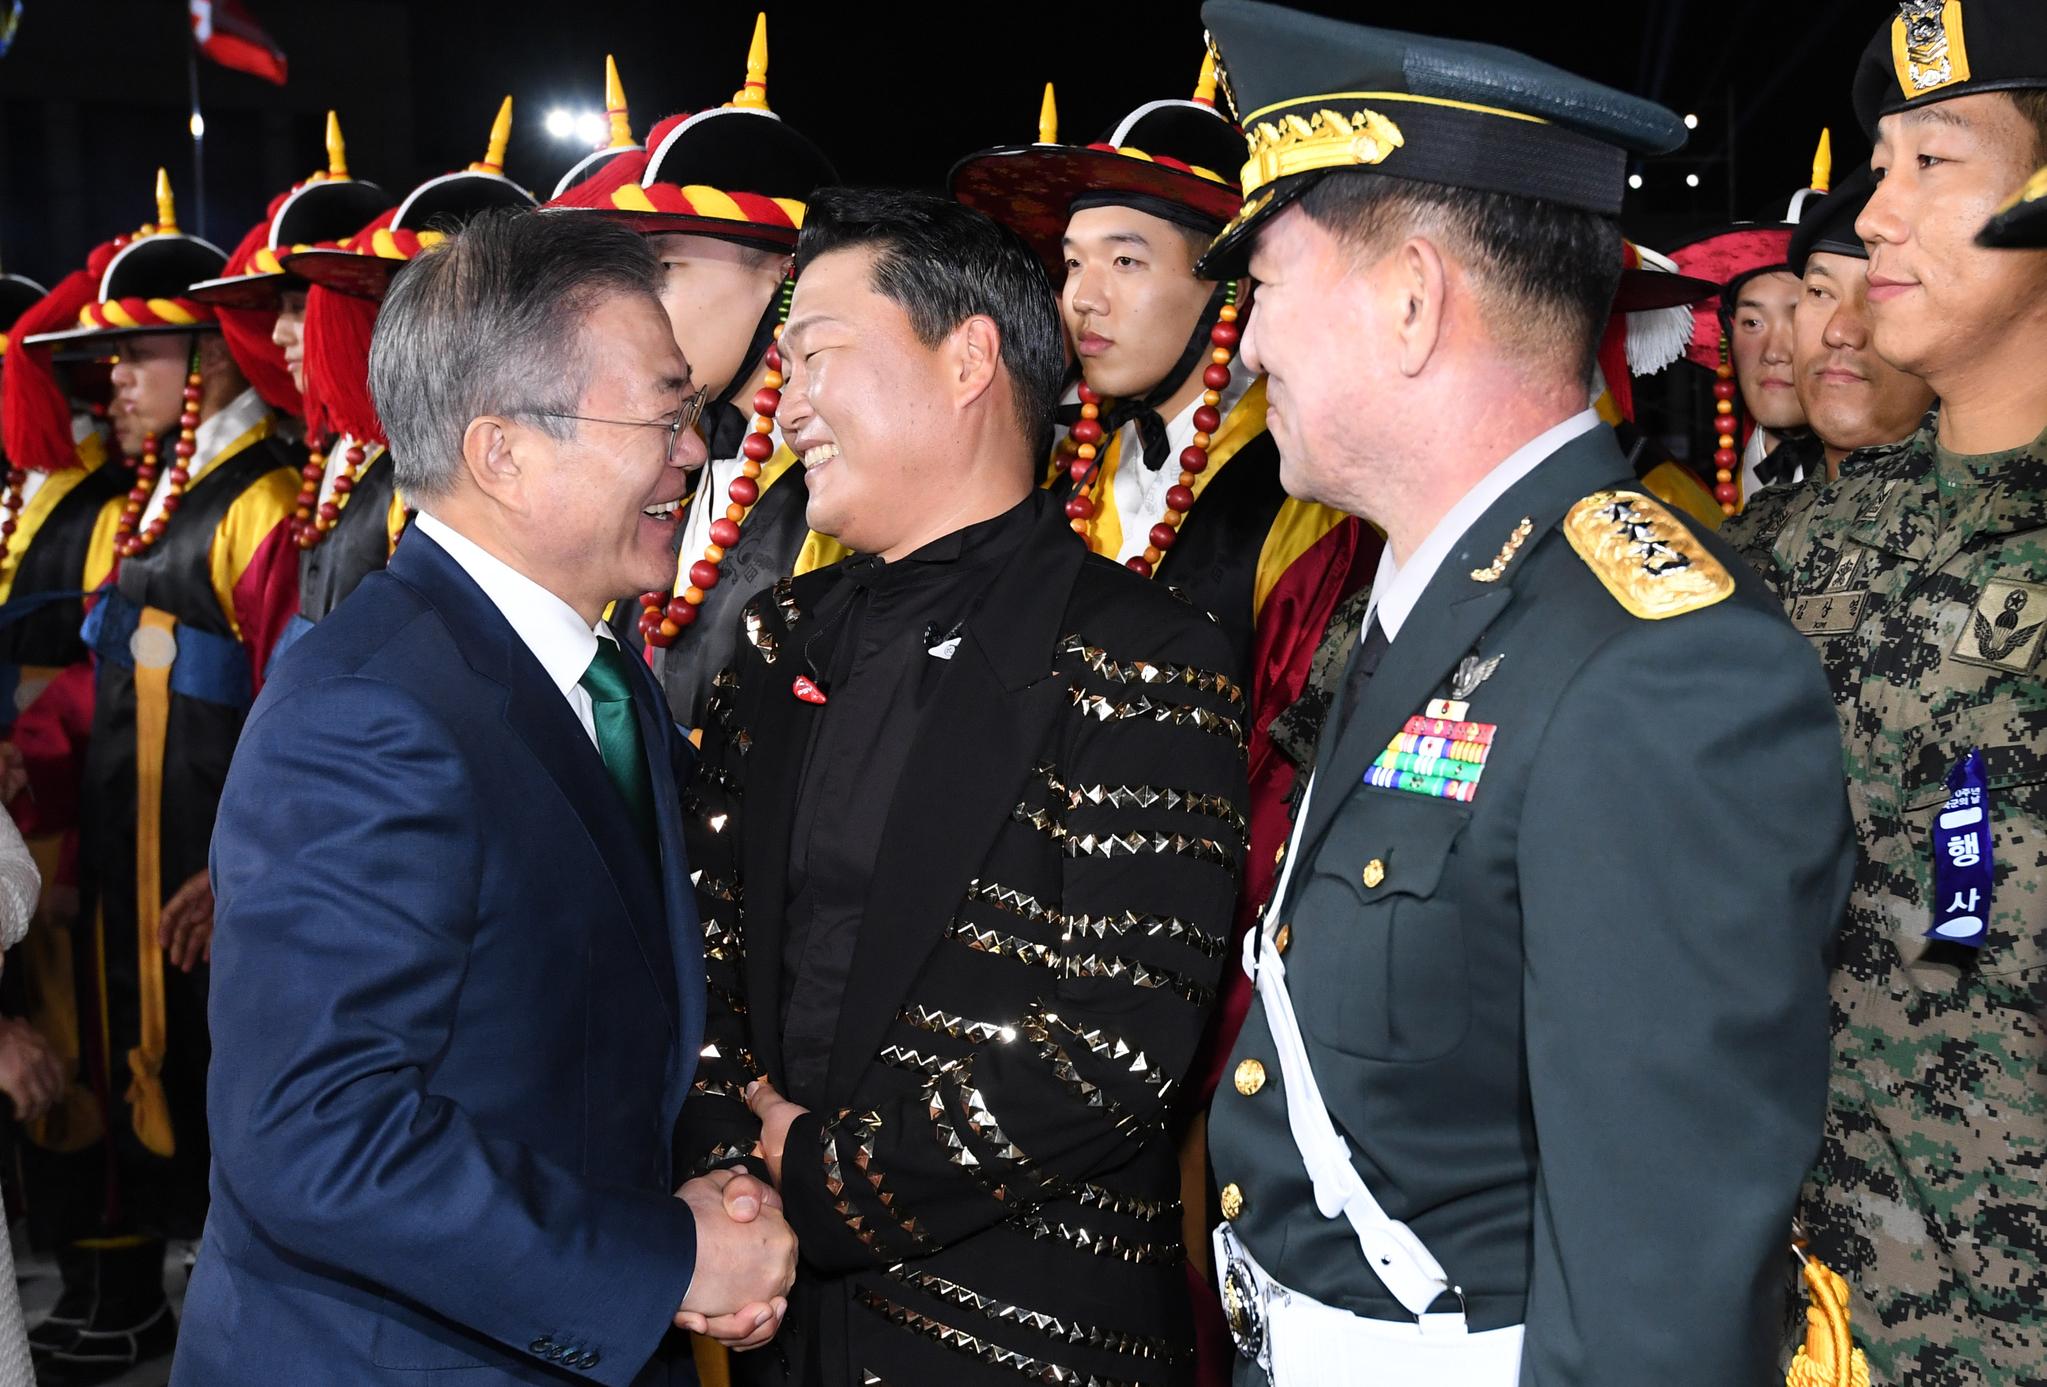 1일 오후 서울 용산 전쟁기념관 평화의 광장에서 열린 제70주년 국군의 날 기념식에서 문재인 대통령(왼쪽)이 가수 싸이와 악수하고 있다. [청와대사진기자단]